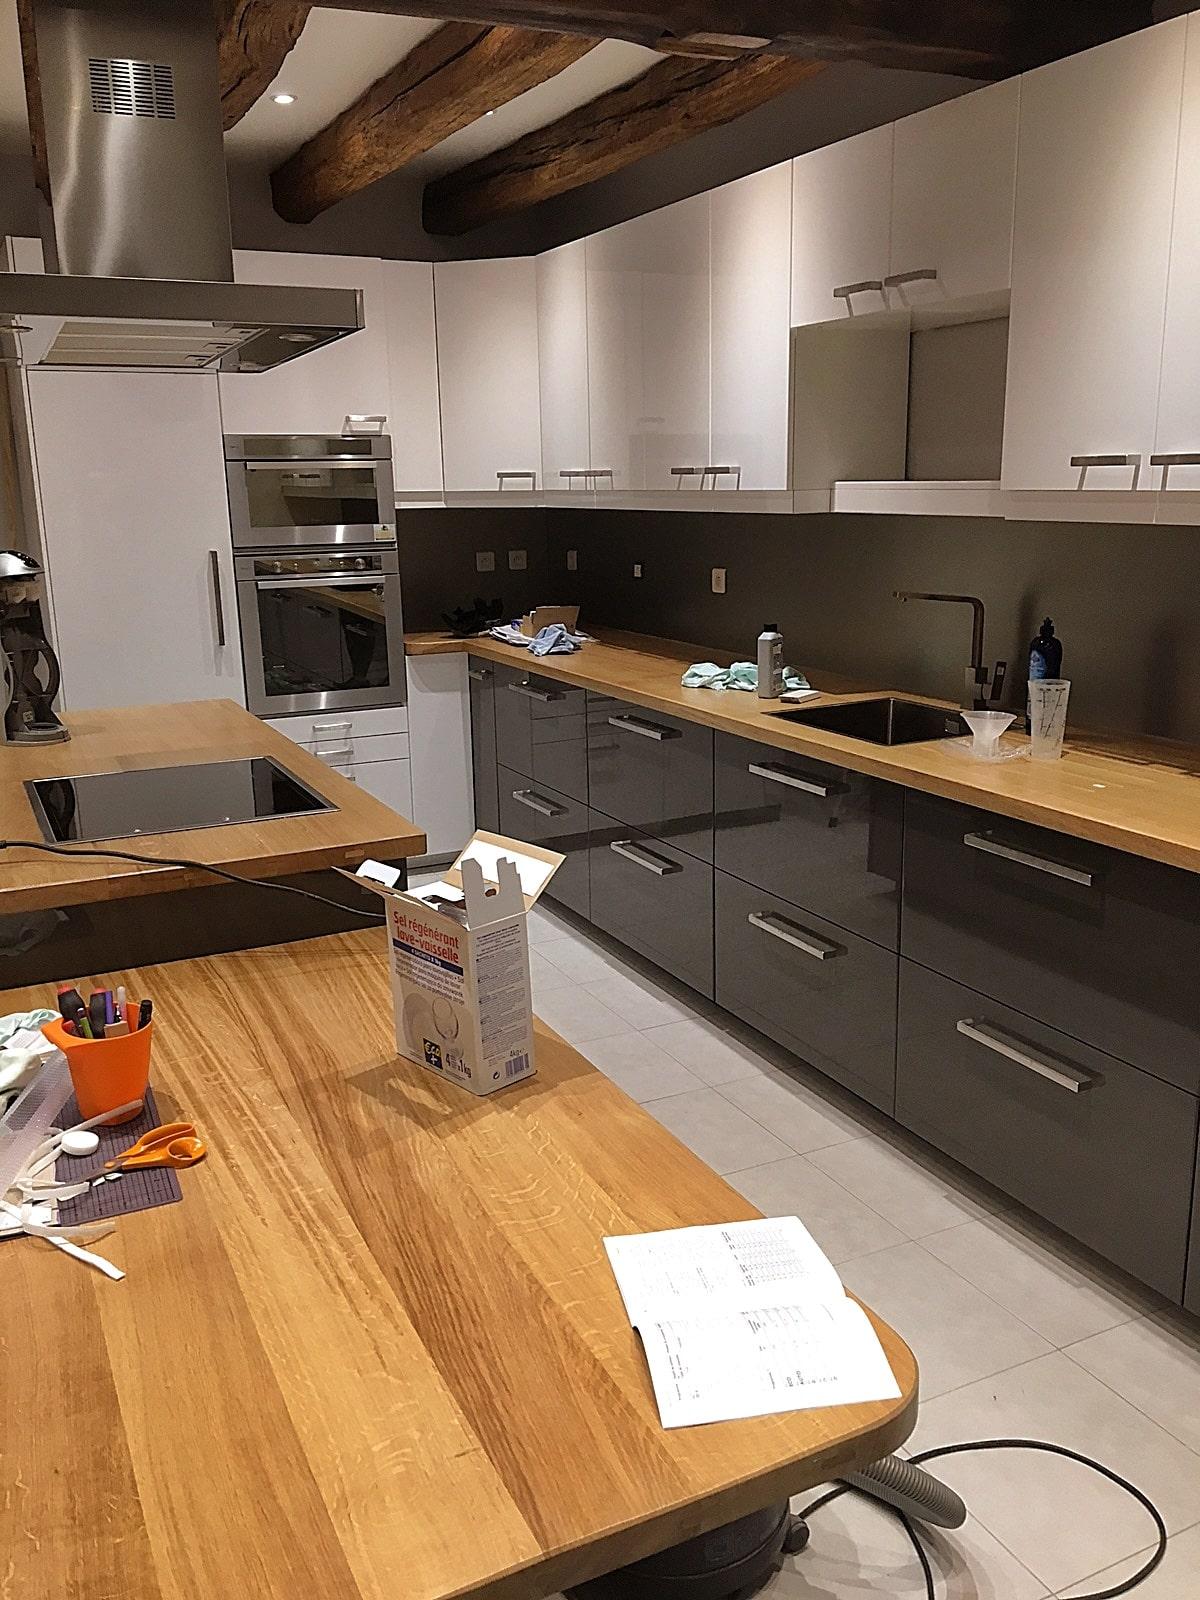 Plan de travail en bois c'un cuisine sur mesure